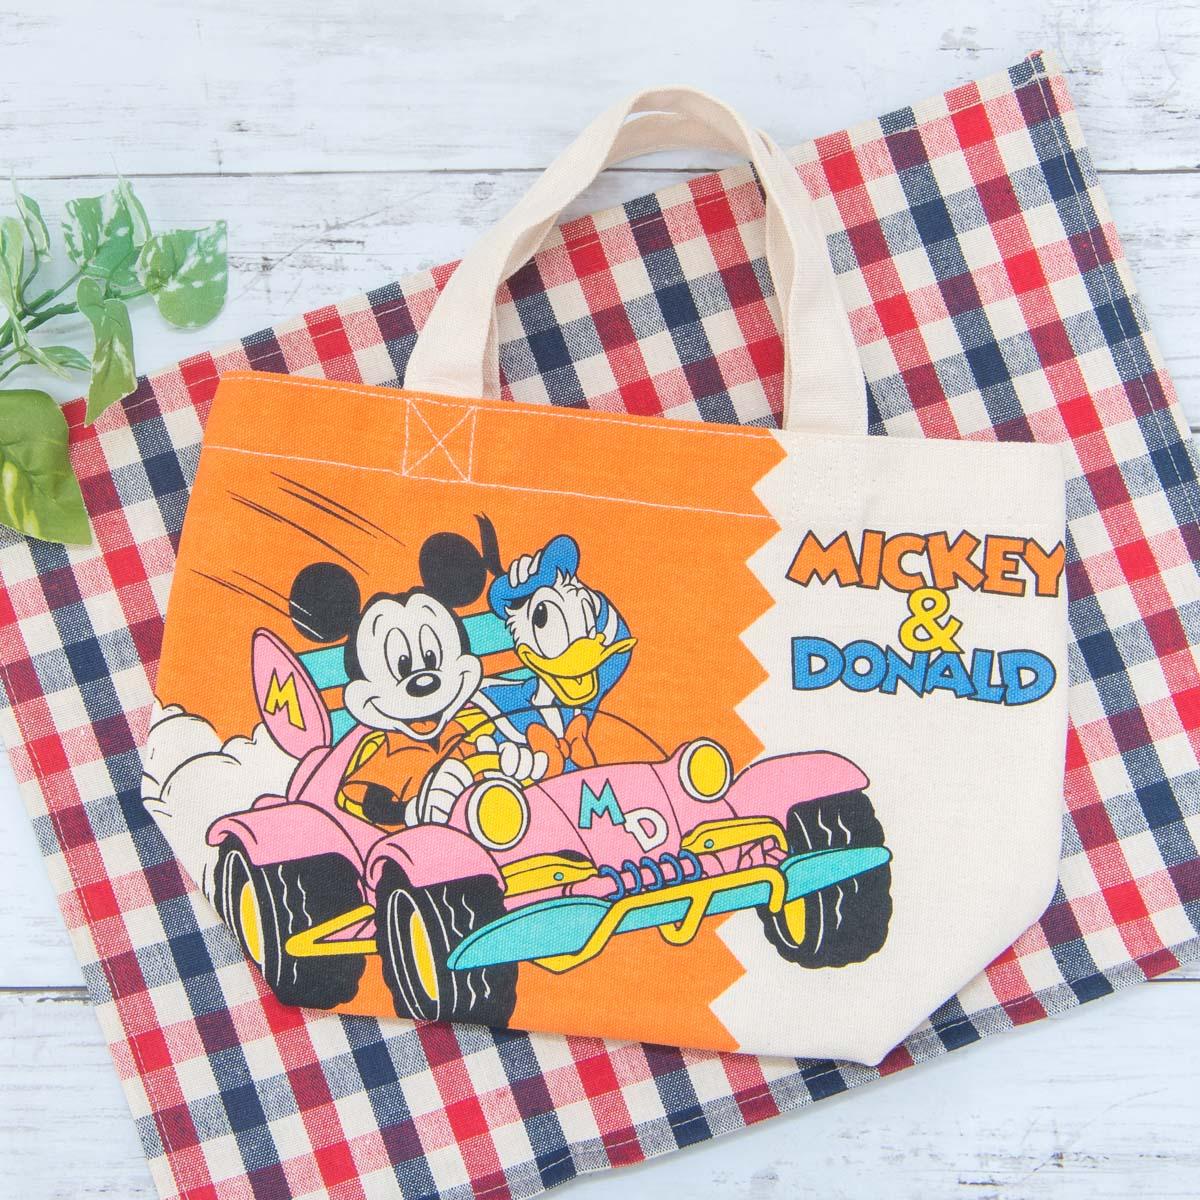 スモール・プラネット ディズニー「マチ付バッグ」ミッキーマウス&ドナルドダック